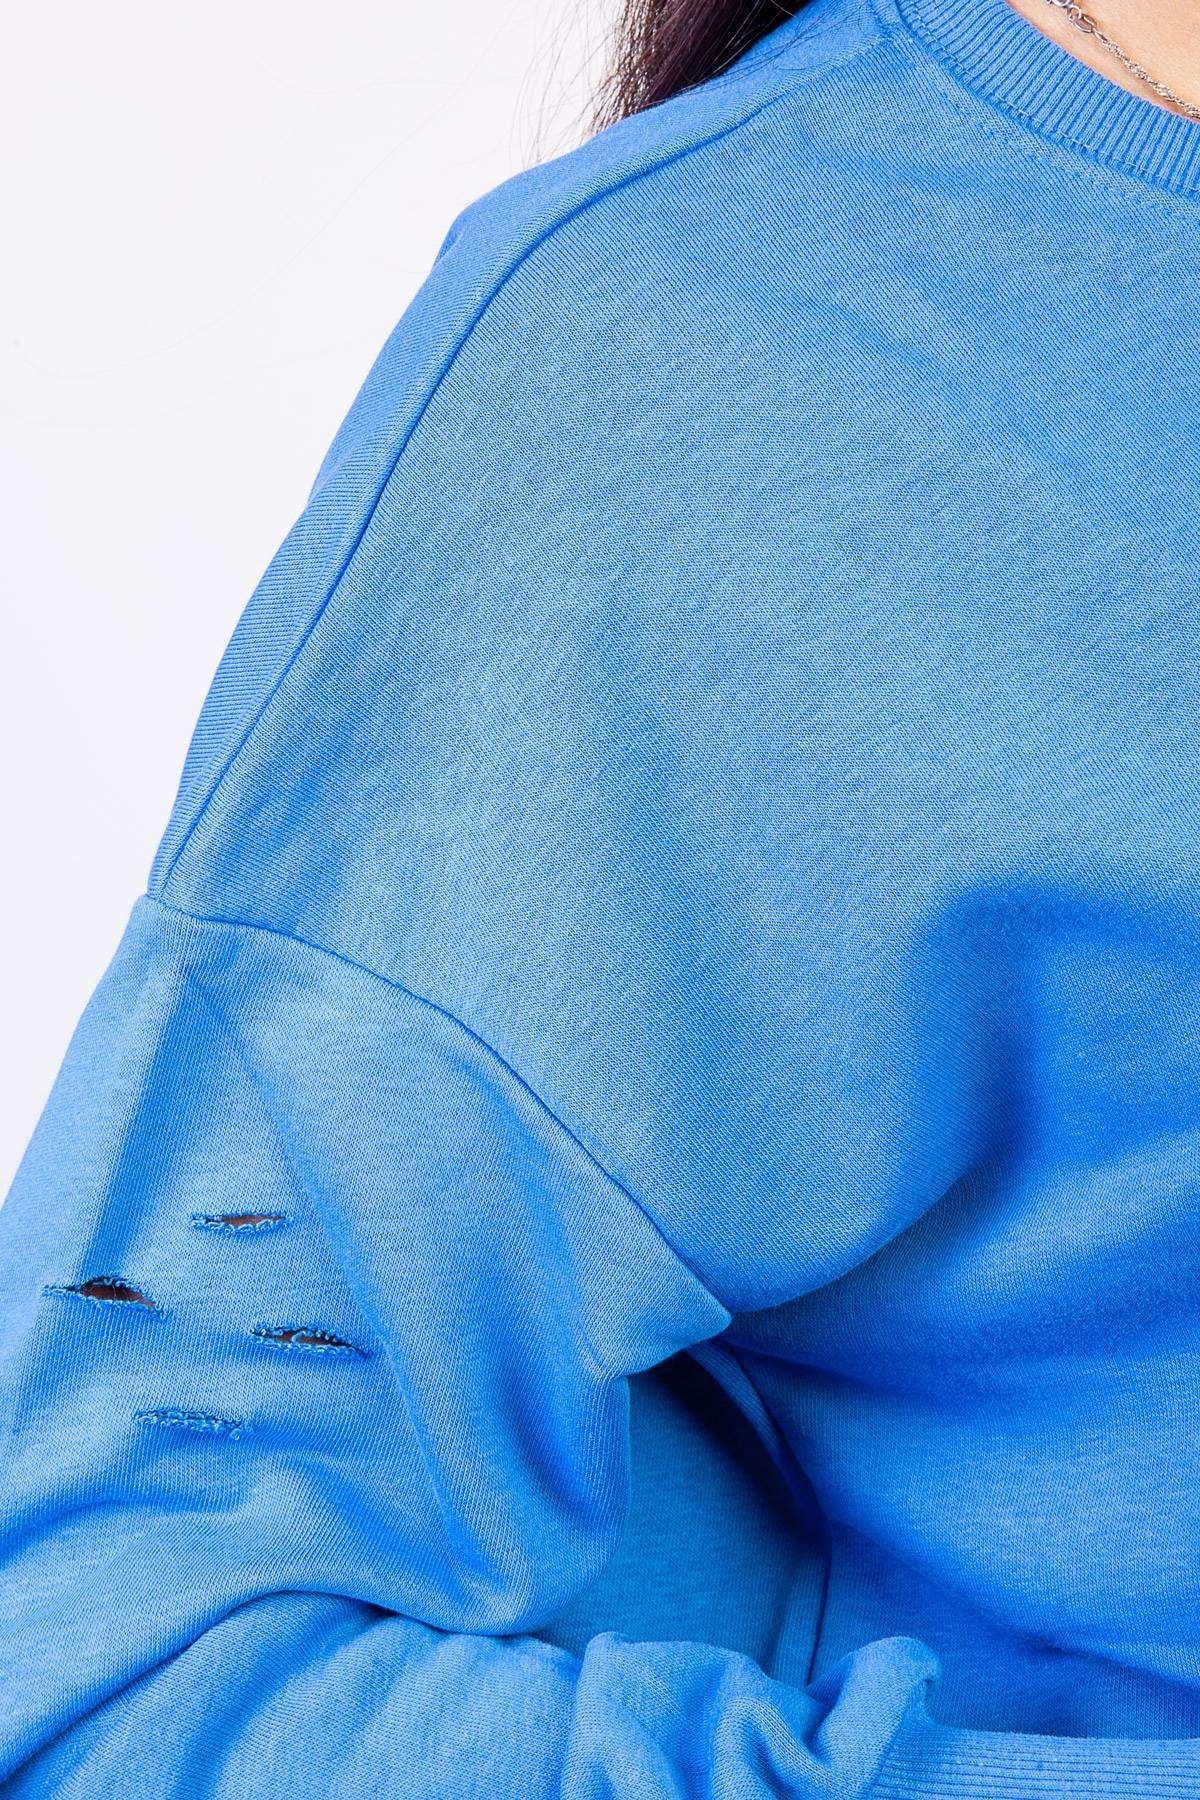 Tazmania Canavarı Baskı Detaylı Simit Yaka Sweatshirt Mavi